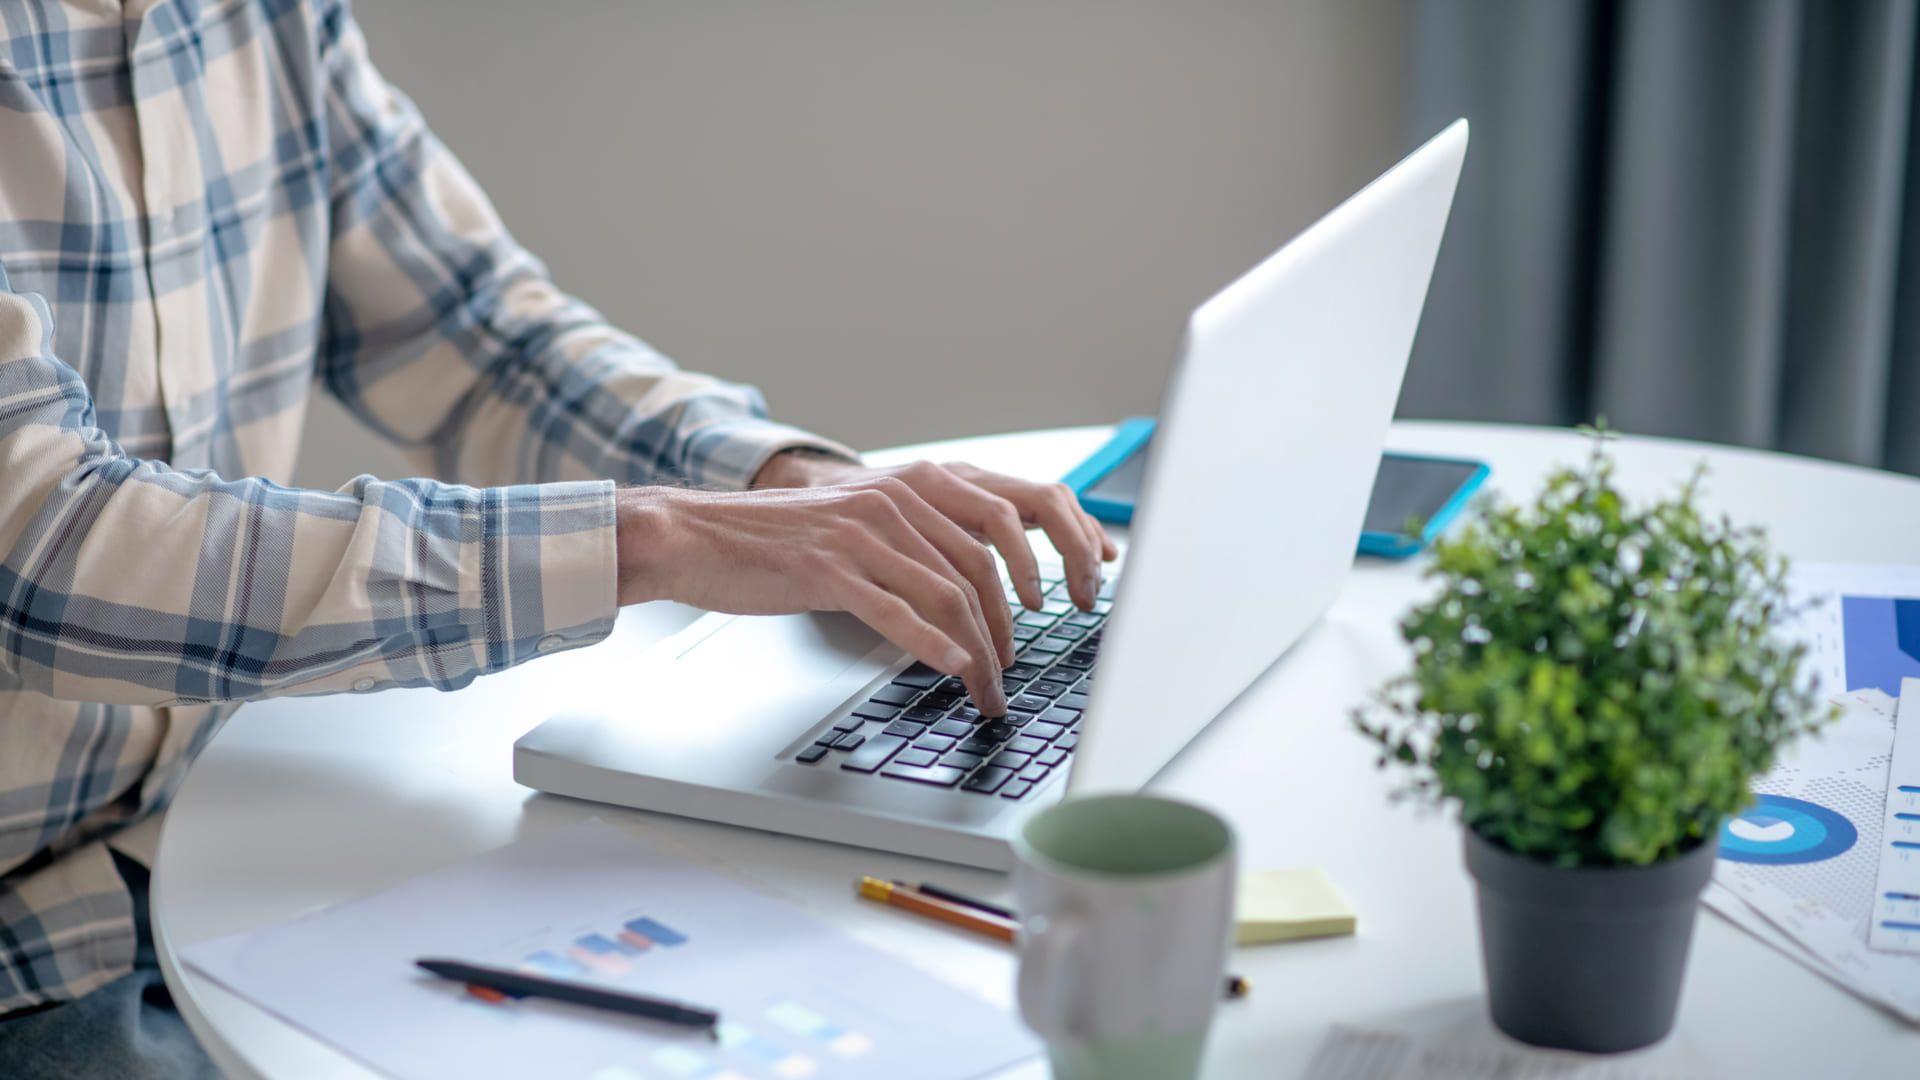 Netbooks são compactos e eram mais baratos. (Dmytro Zinkevych/Shutterstock)